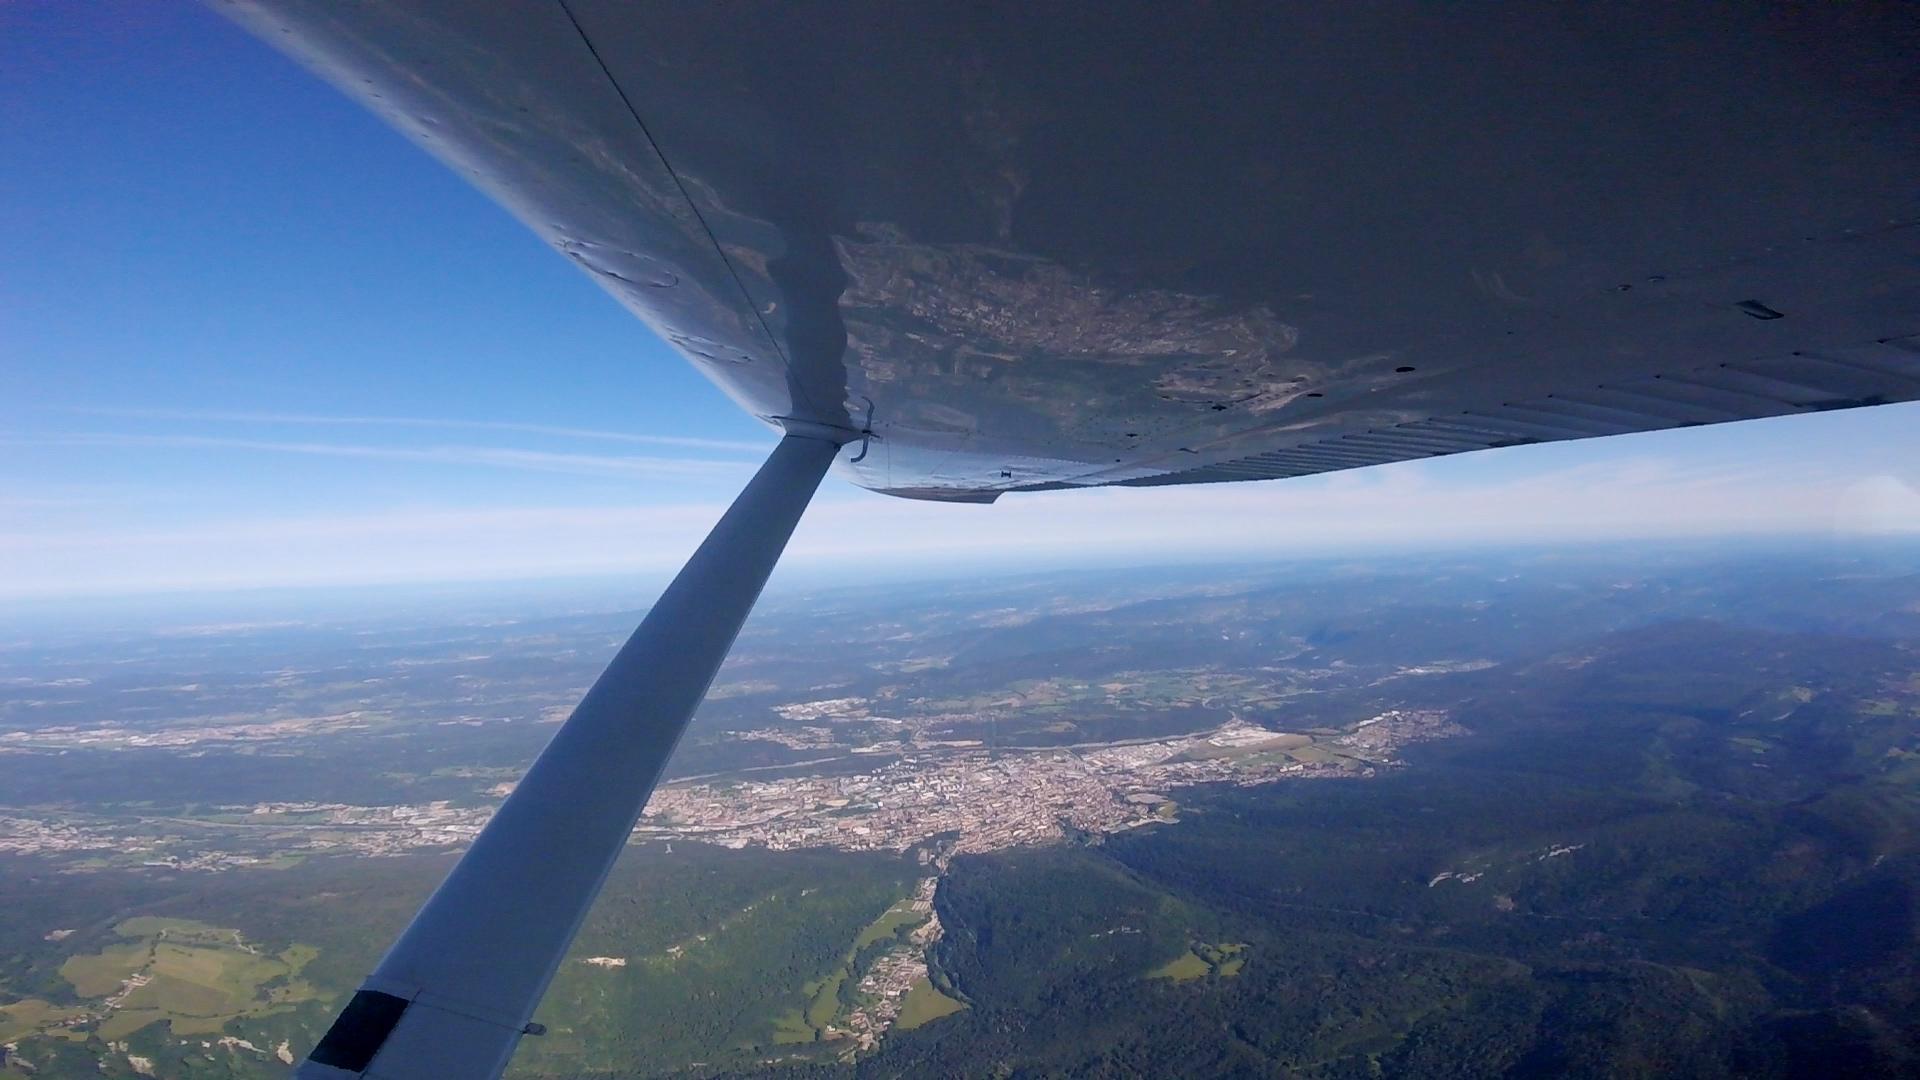 vue de l'avion saut en parachute